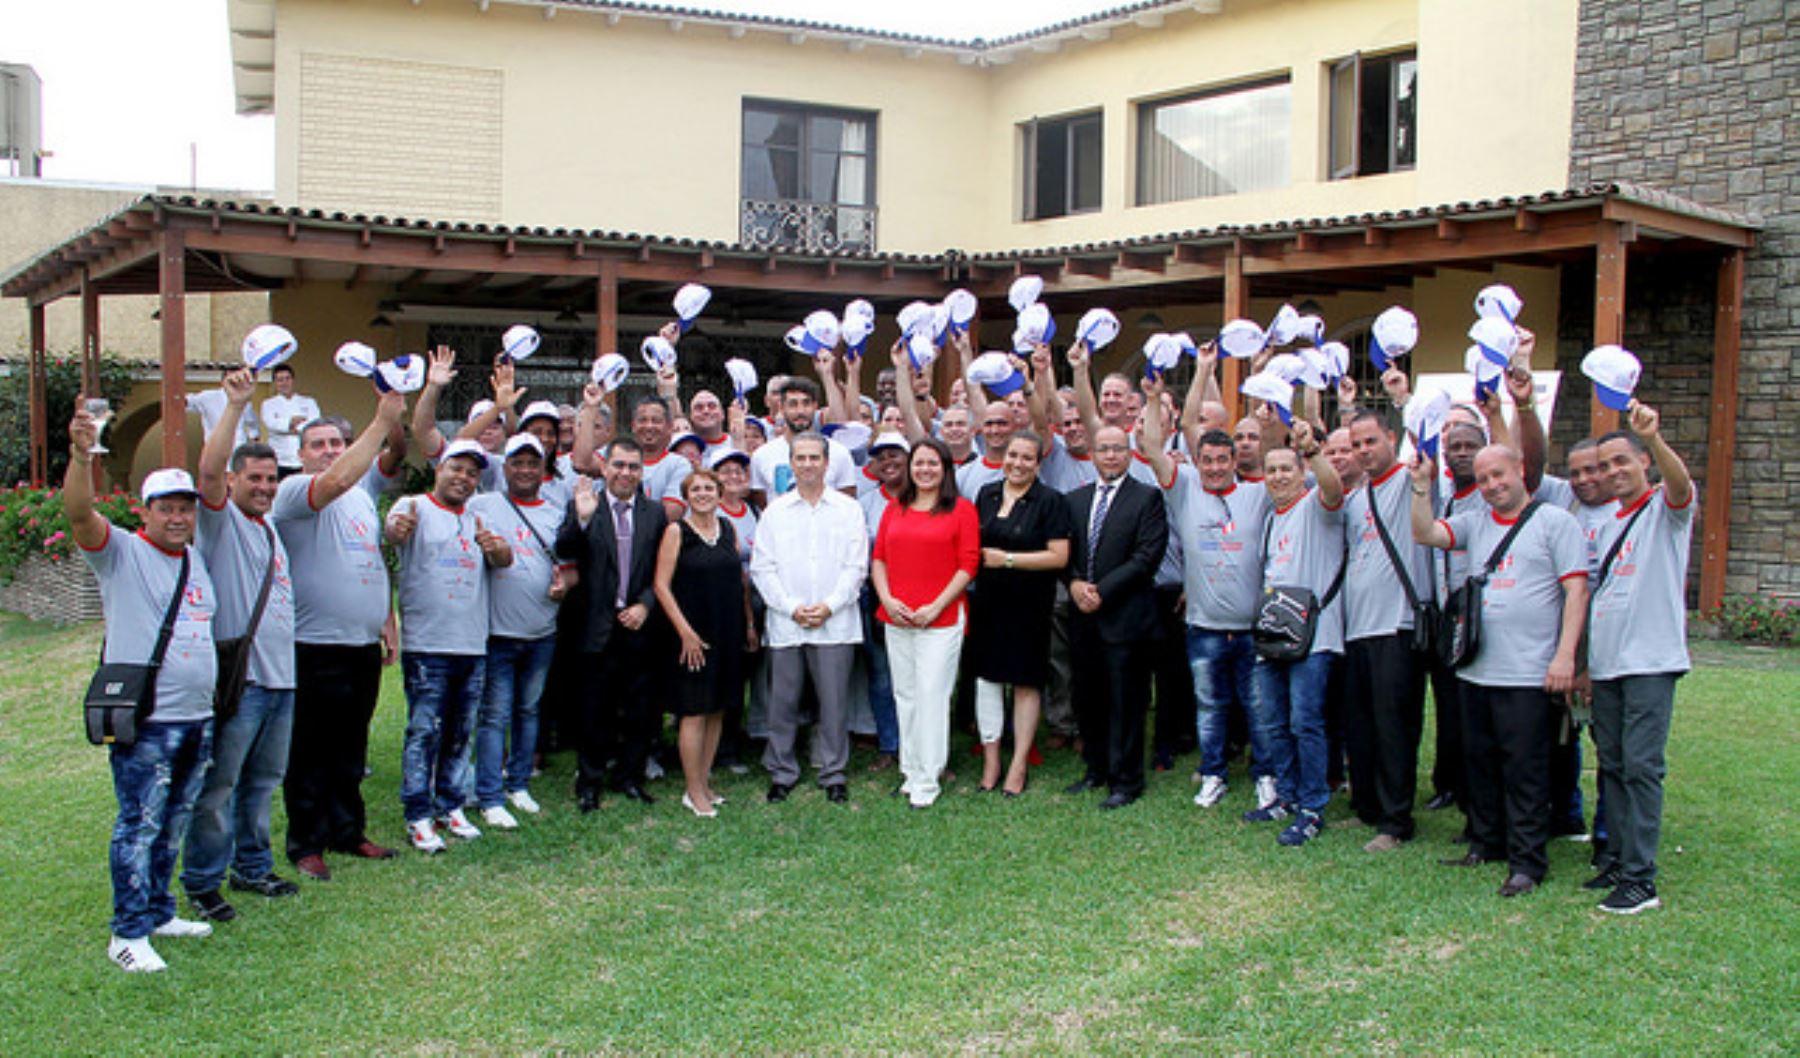 Chefs cubanos aprenderán sobre gastronomía peruana. Foto: Pronabec.